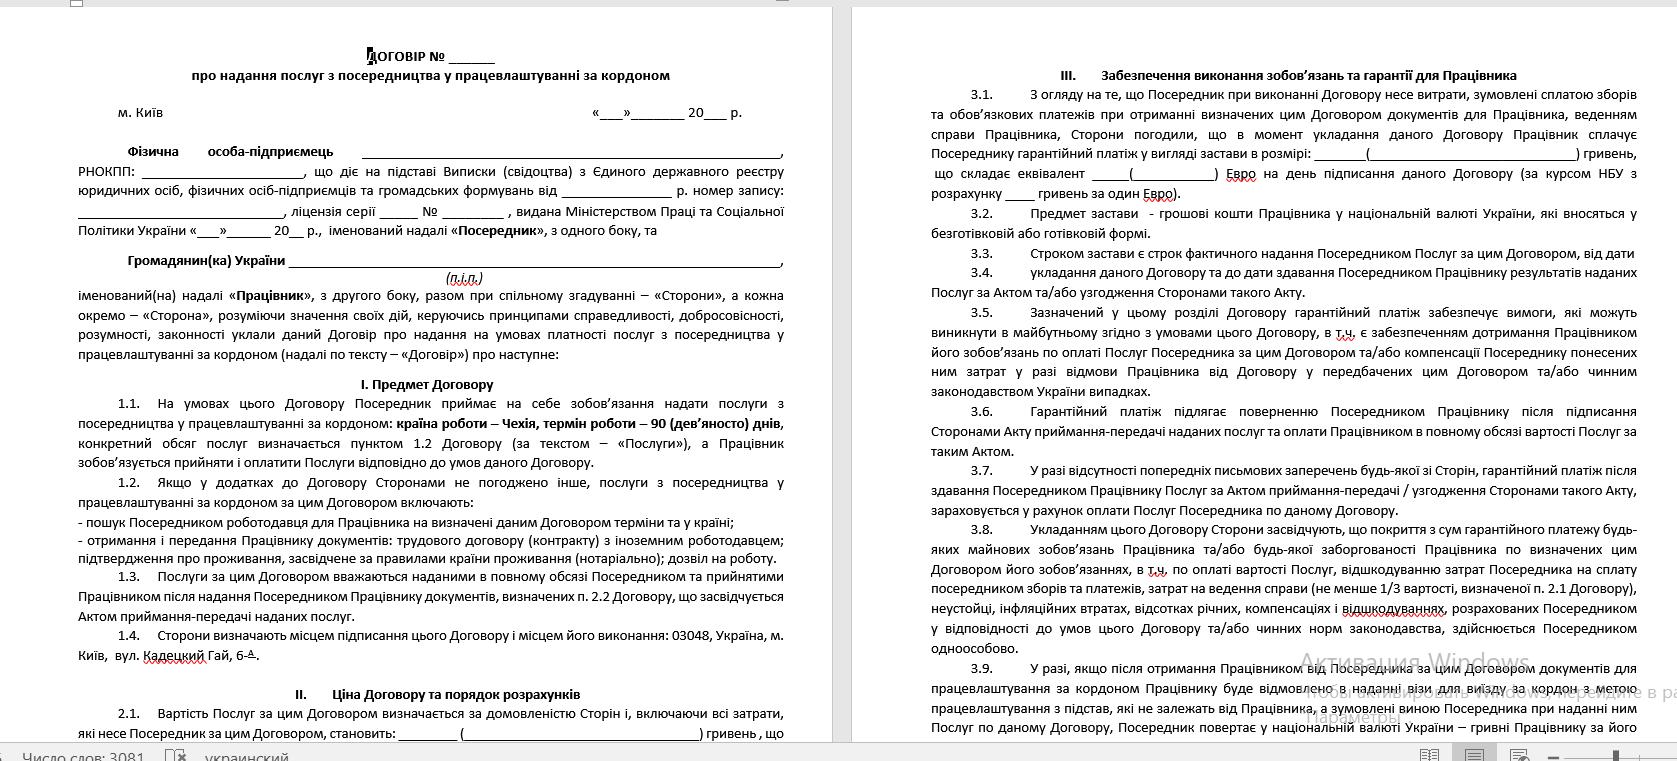 """Фото Розроблений з дотриманням всіх вимог законодавства договір про працевлаштування за кордоном, всього 6 сторінок, є """"робочим"""" договором"""